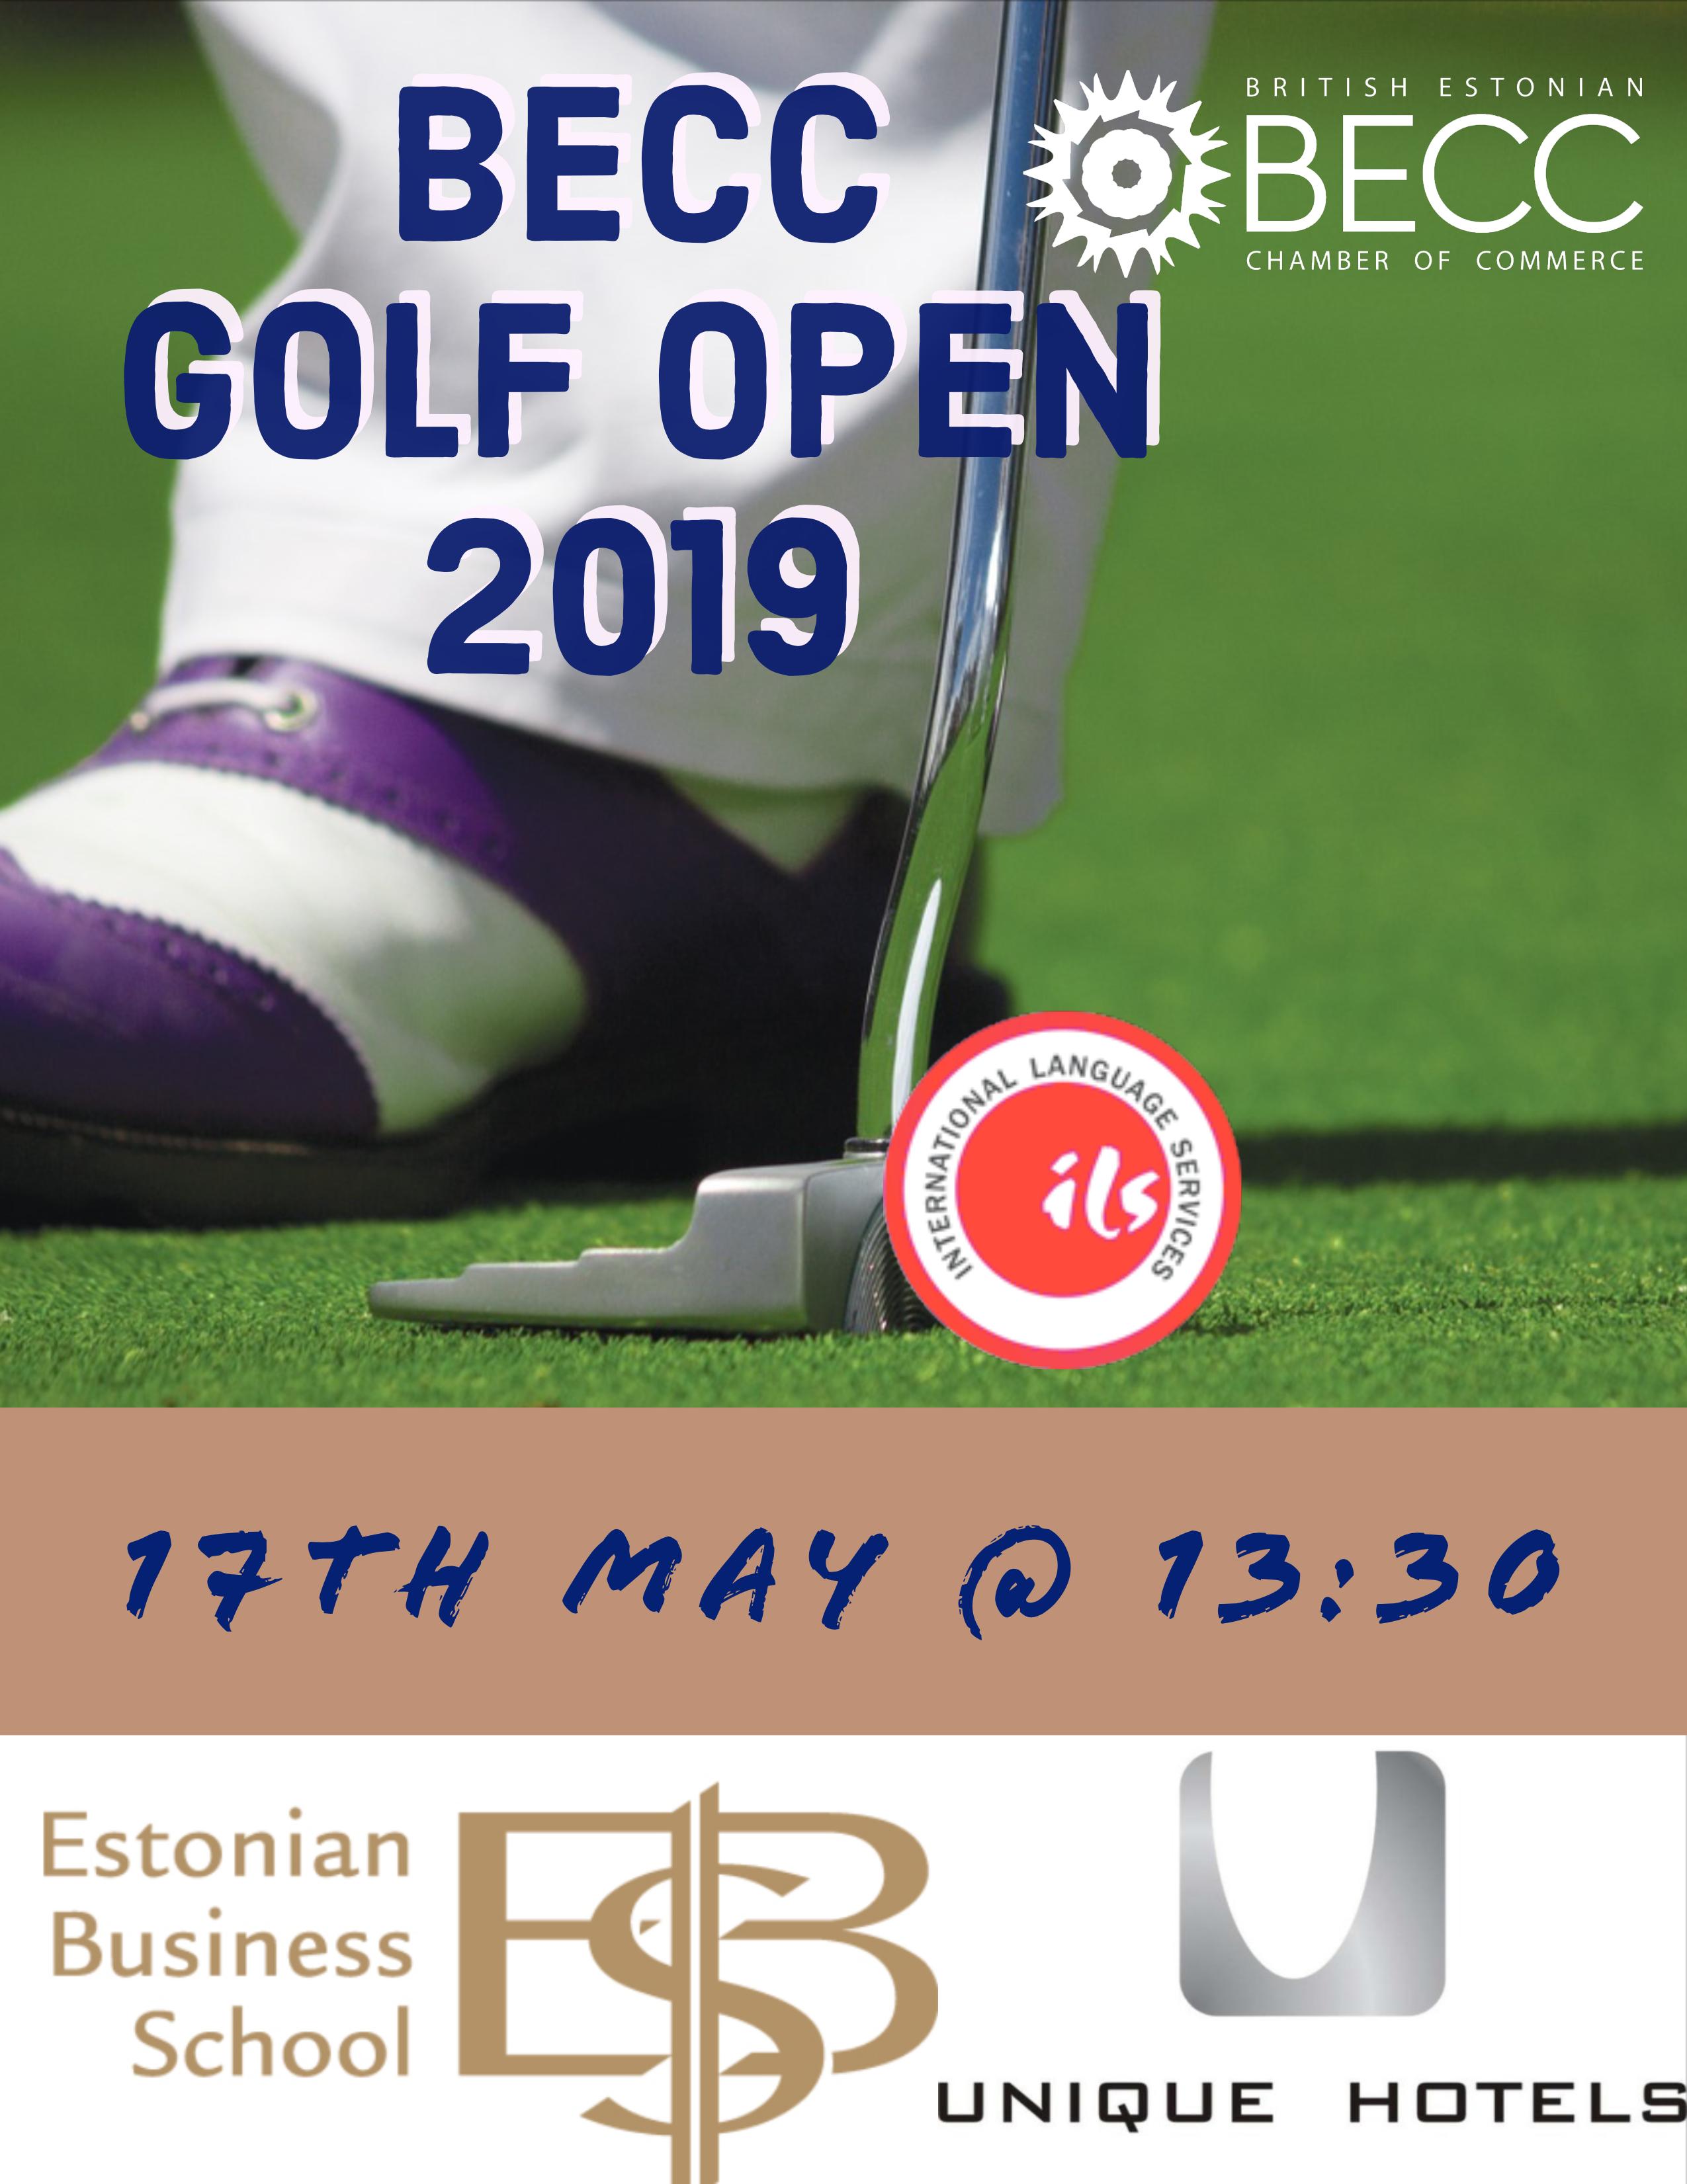 BECC Golf Open 2019